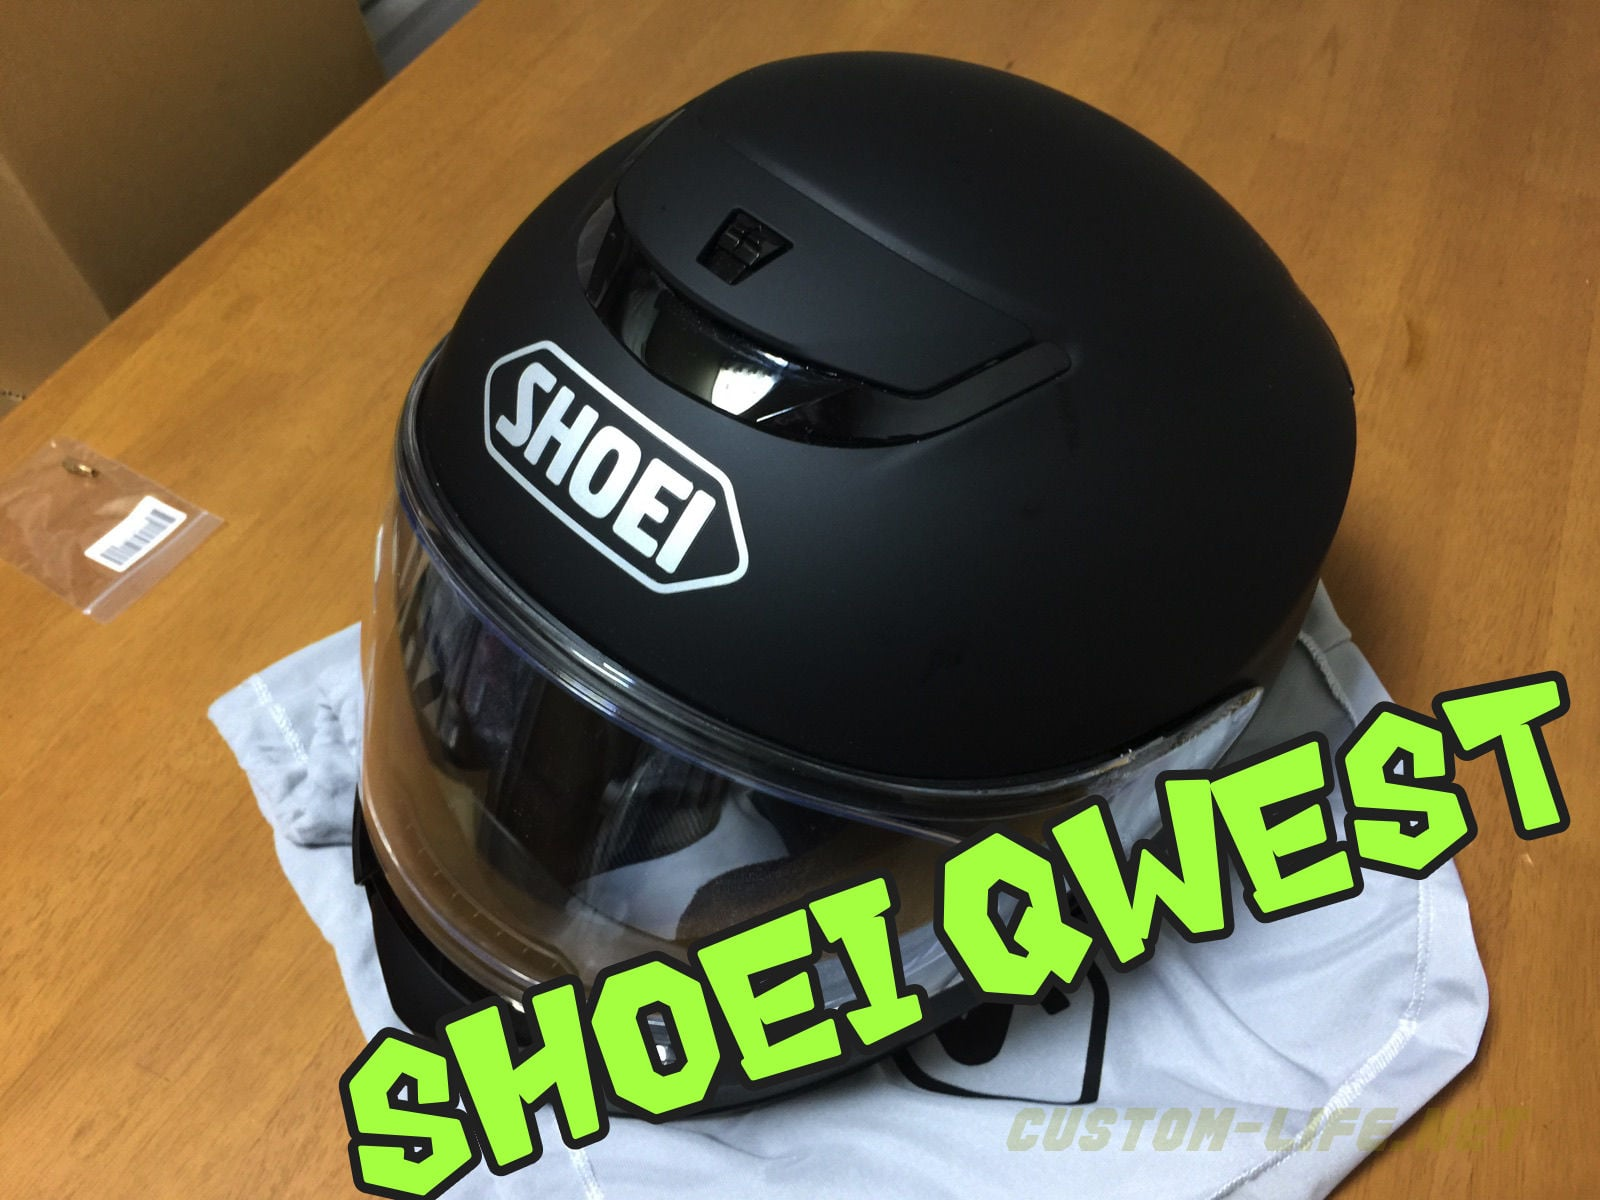 SHOEI QWEST 01